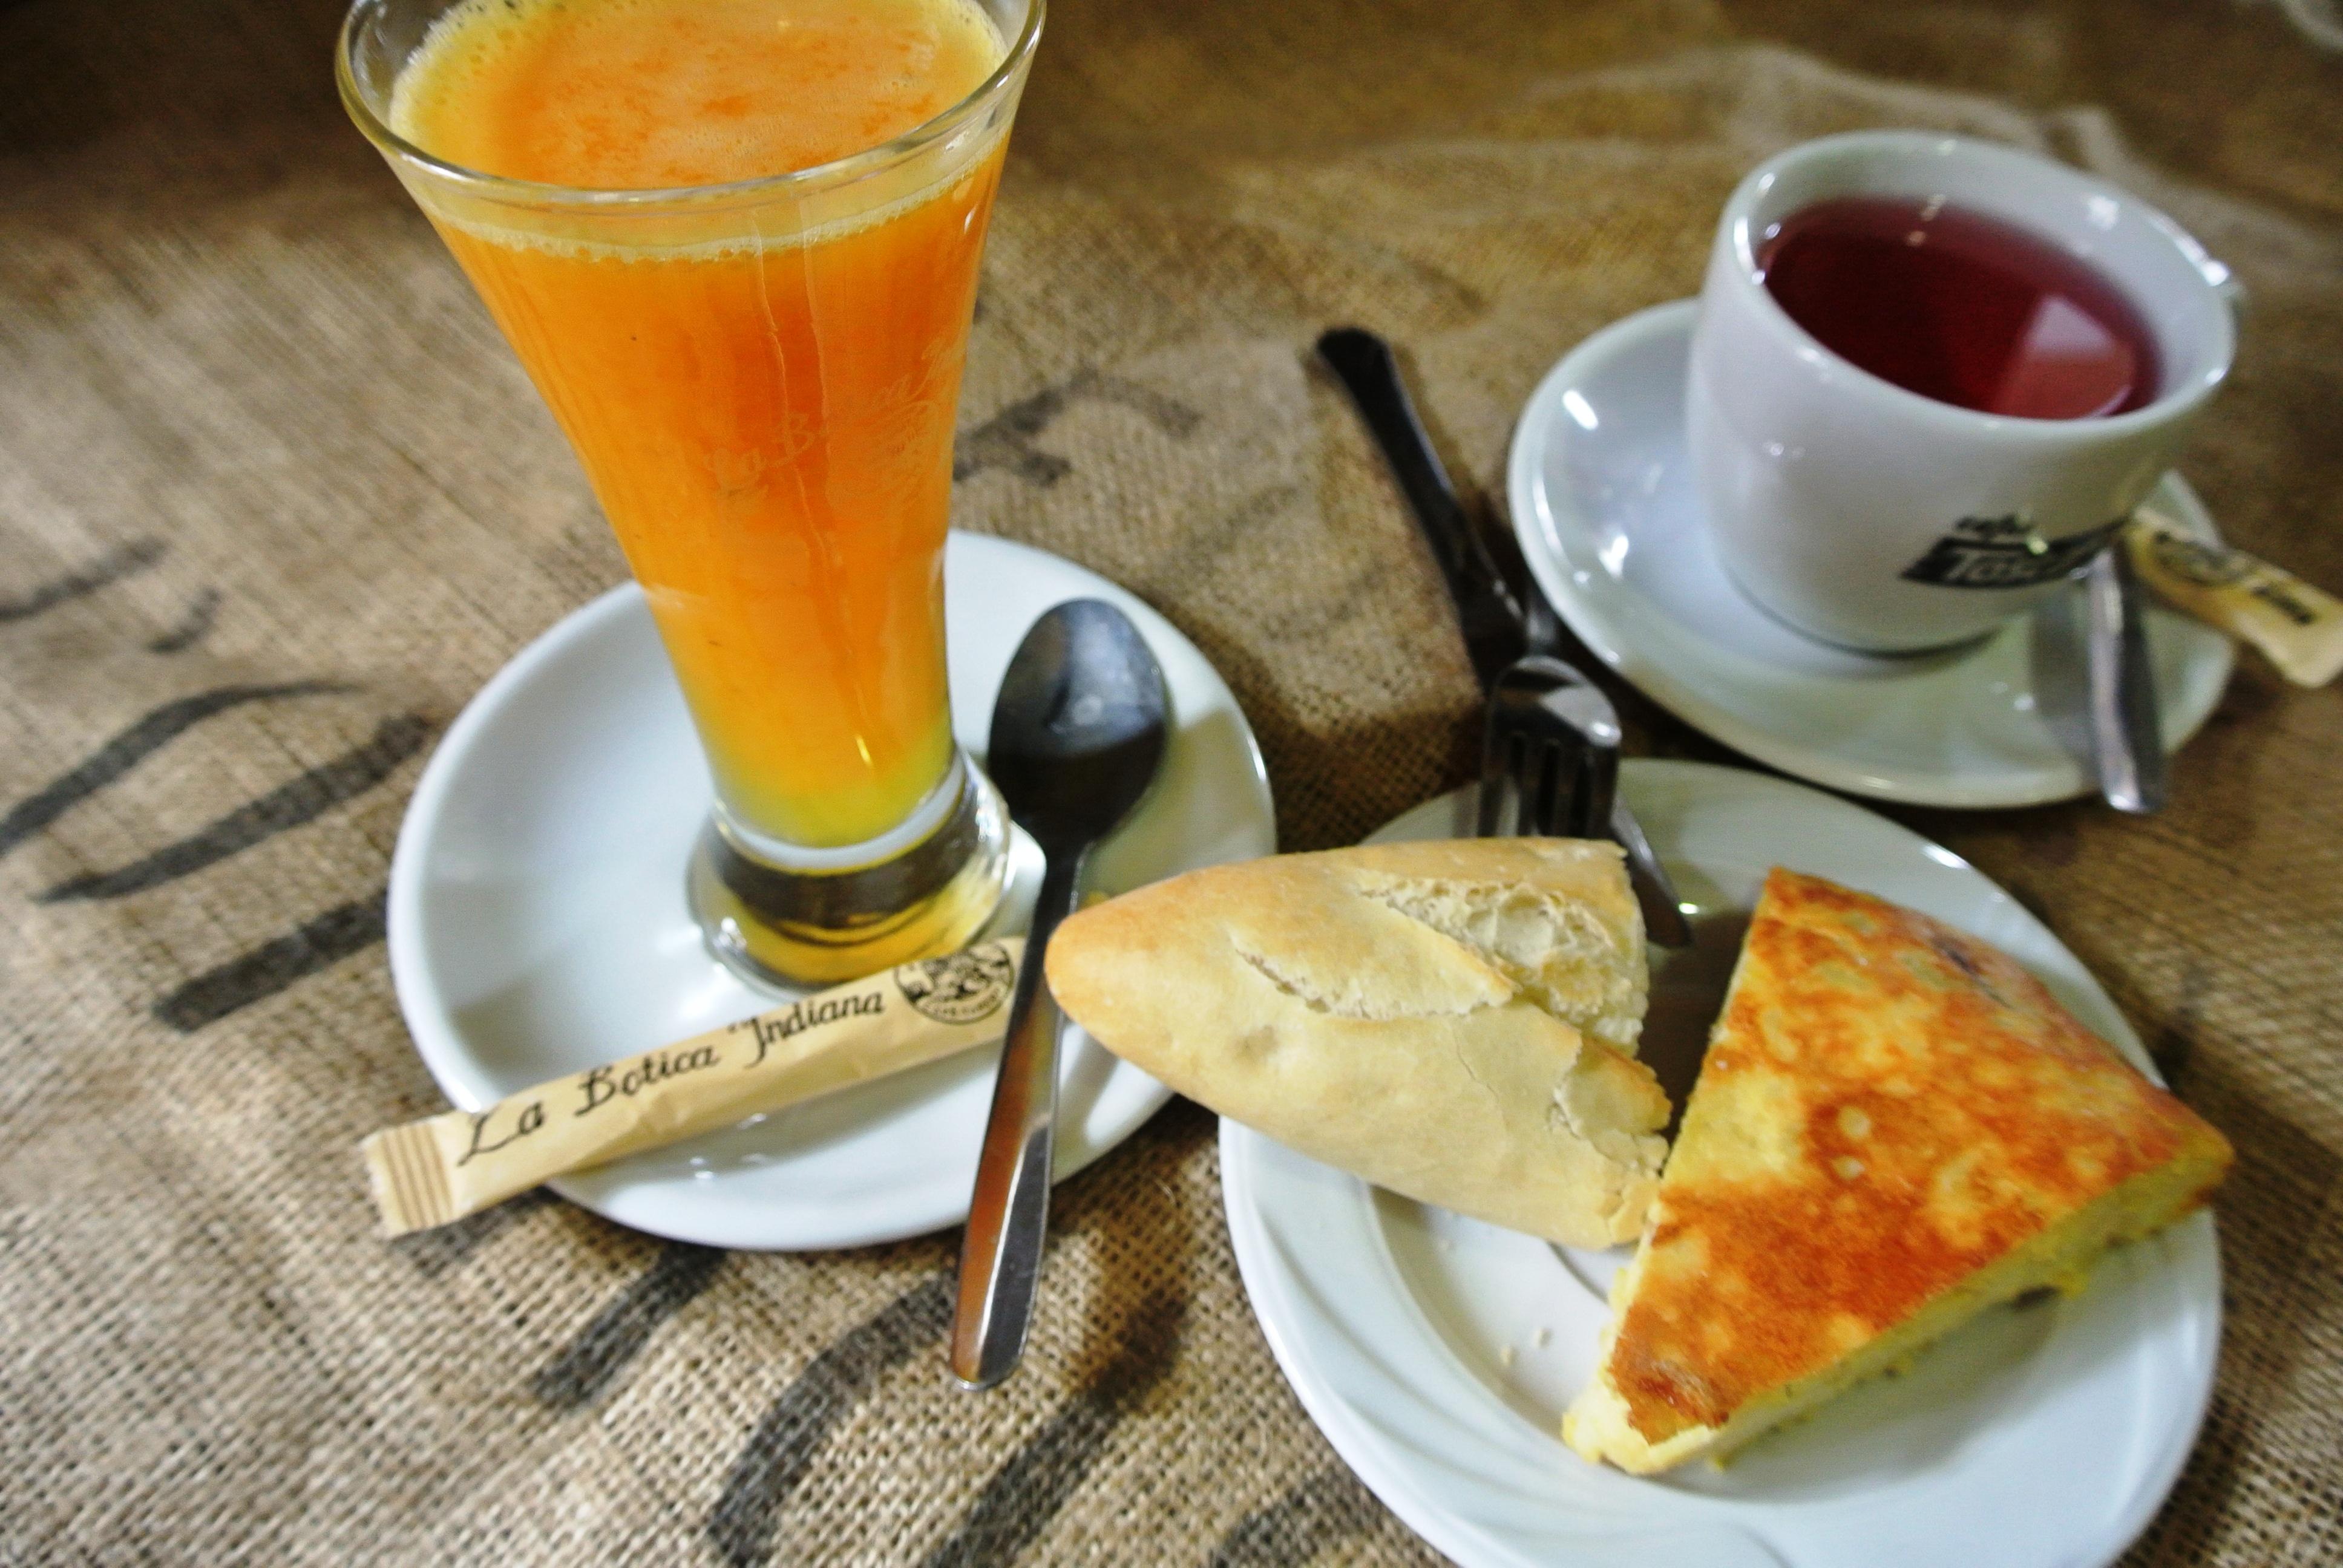 Desayuno en La Botica Indiana